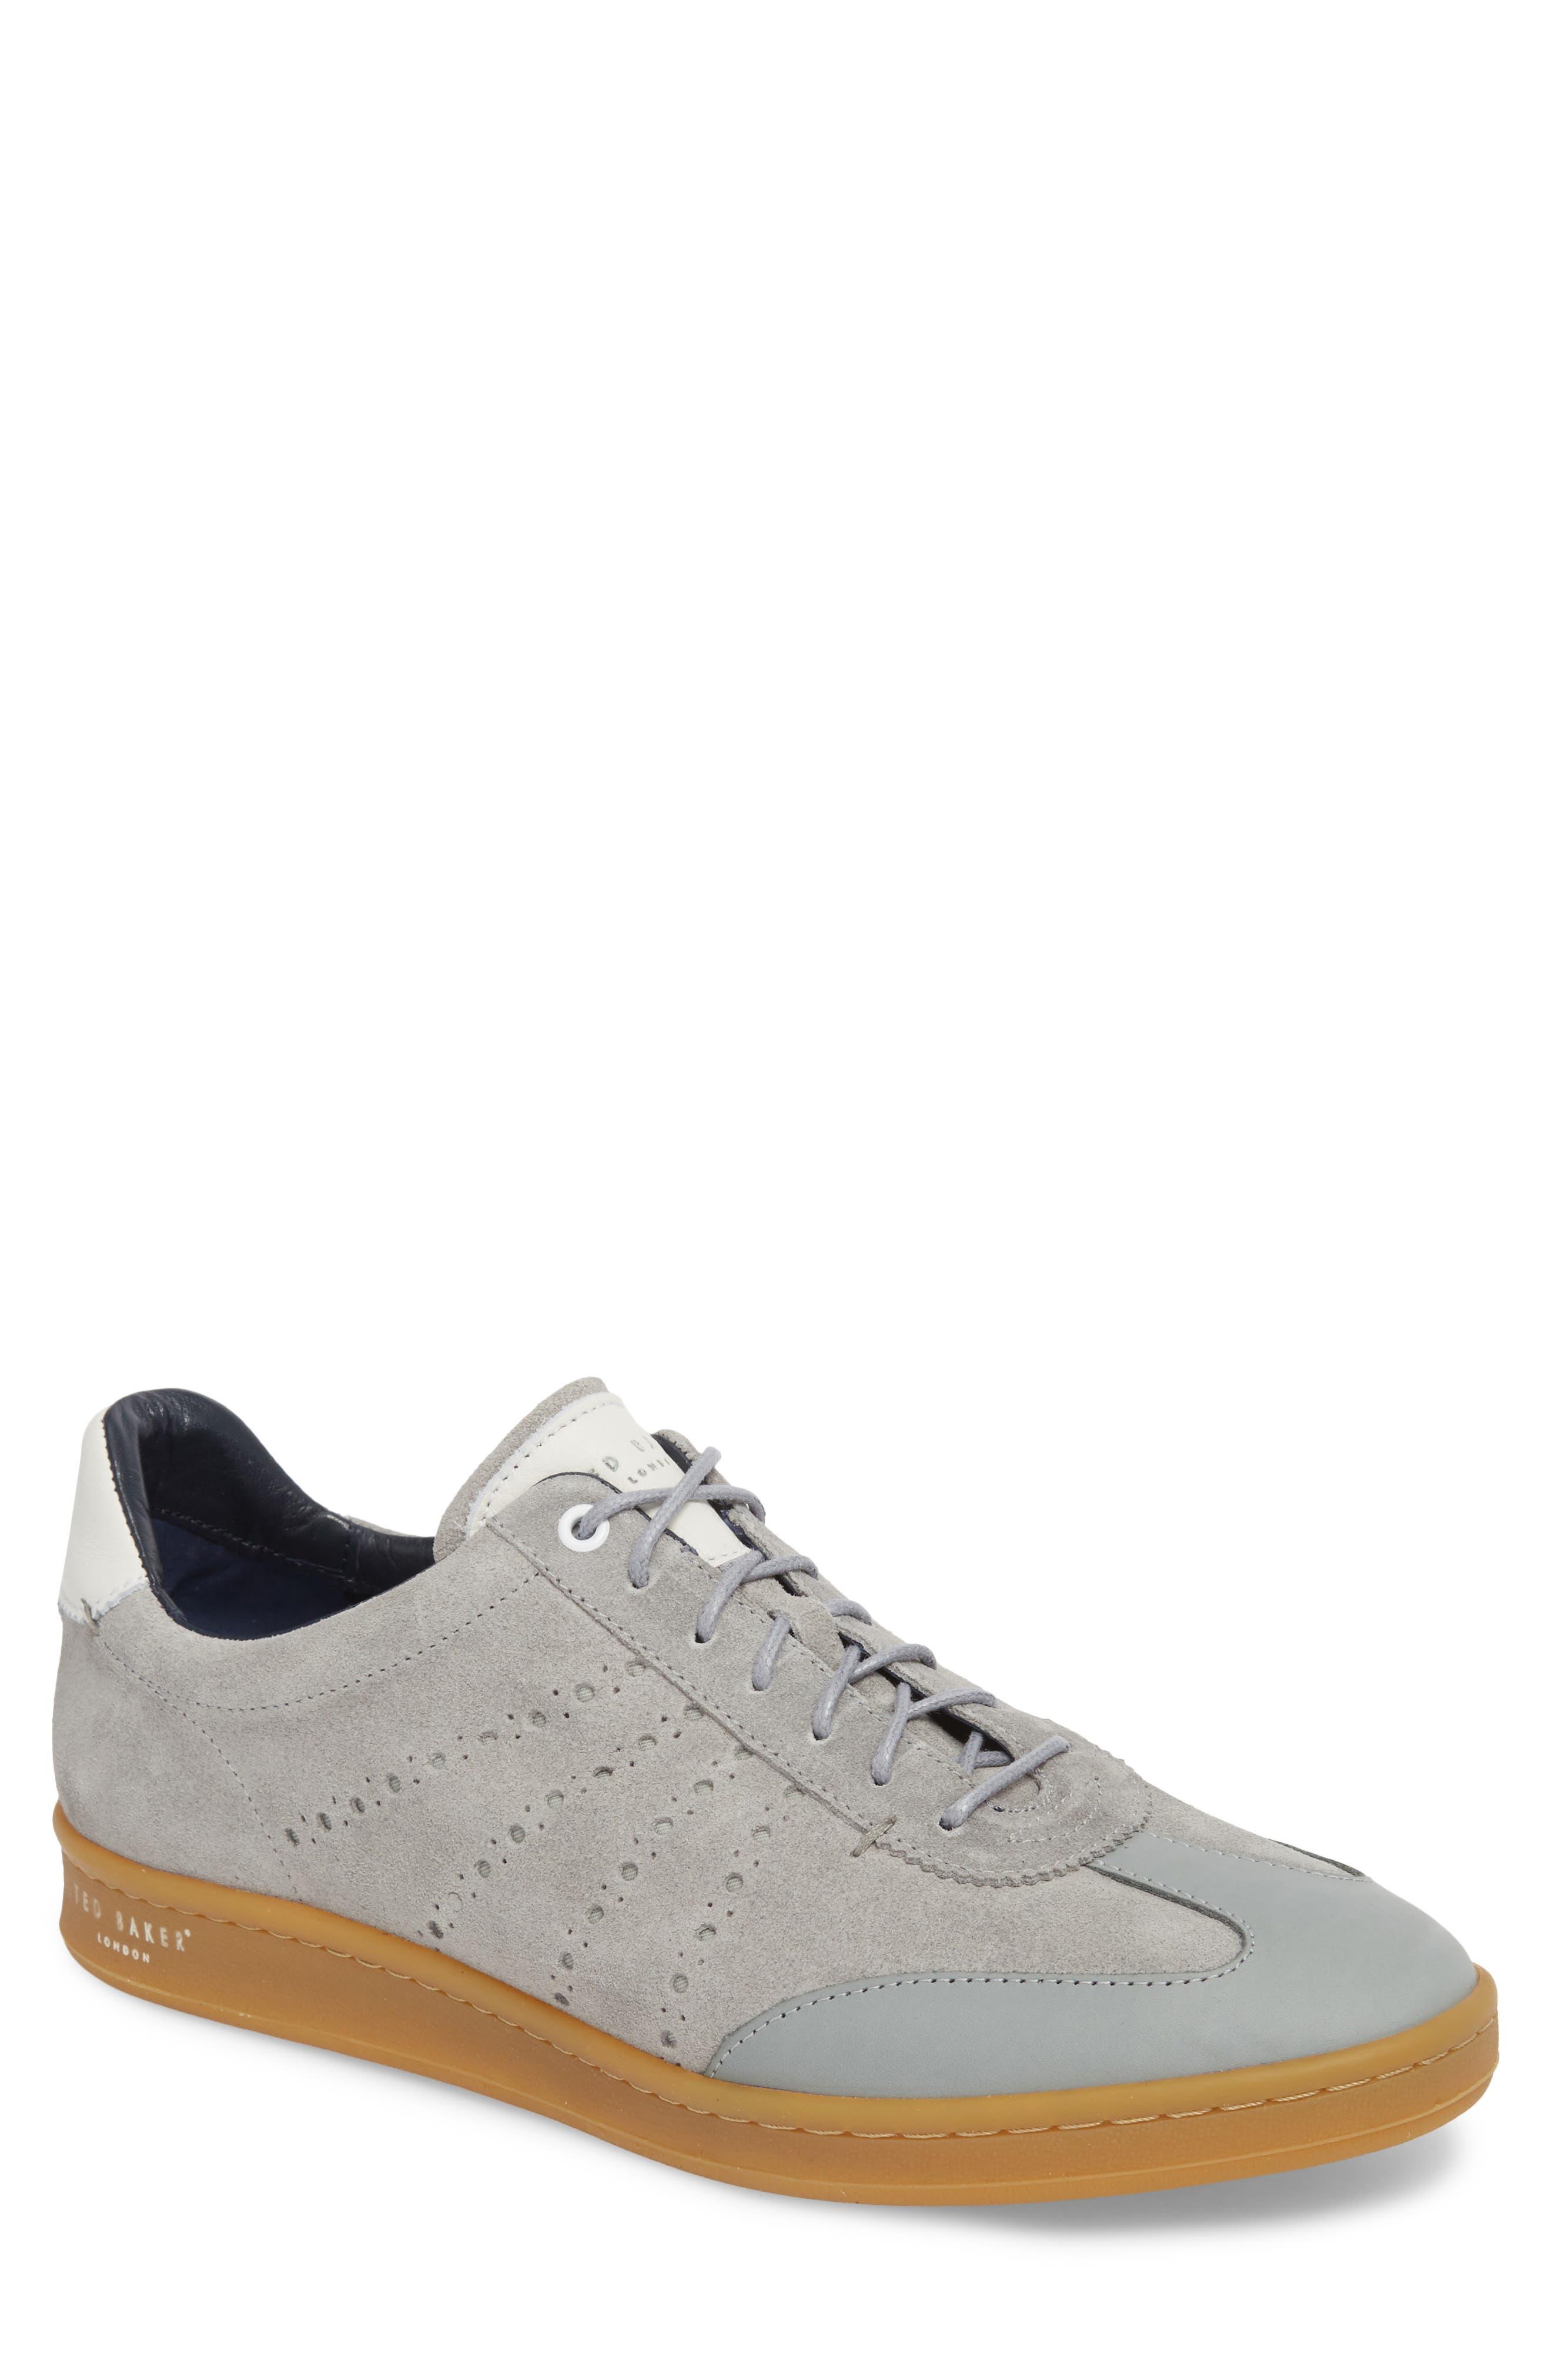 Orlees Low Top Sneaker,                             Main thumbnail 1, color,